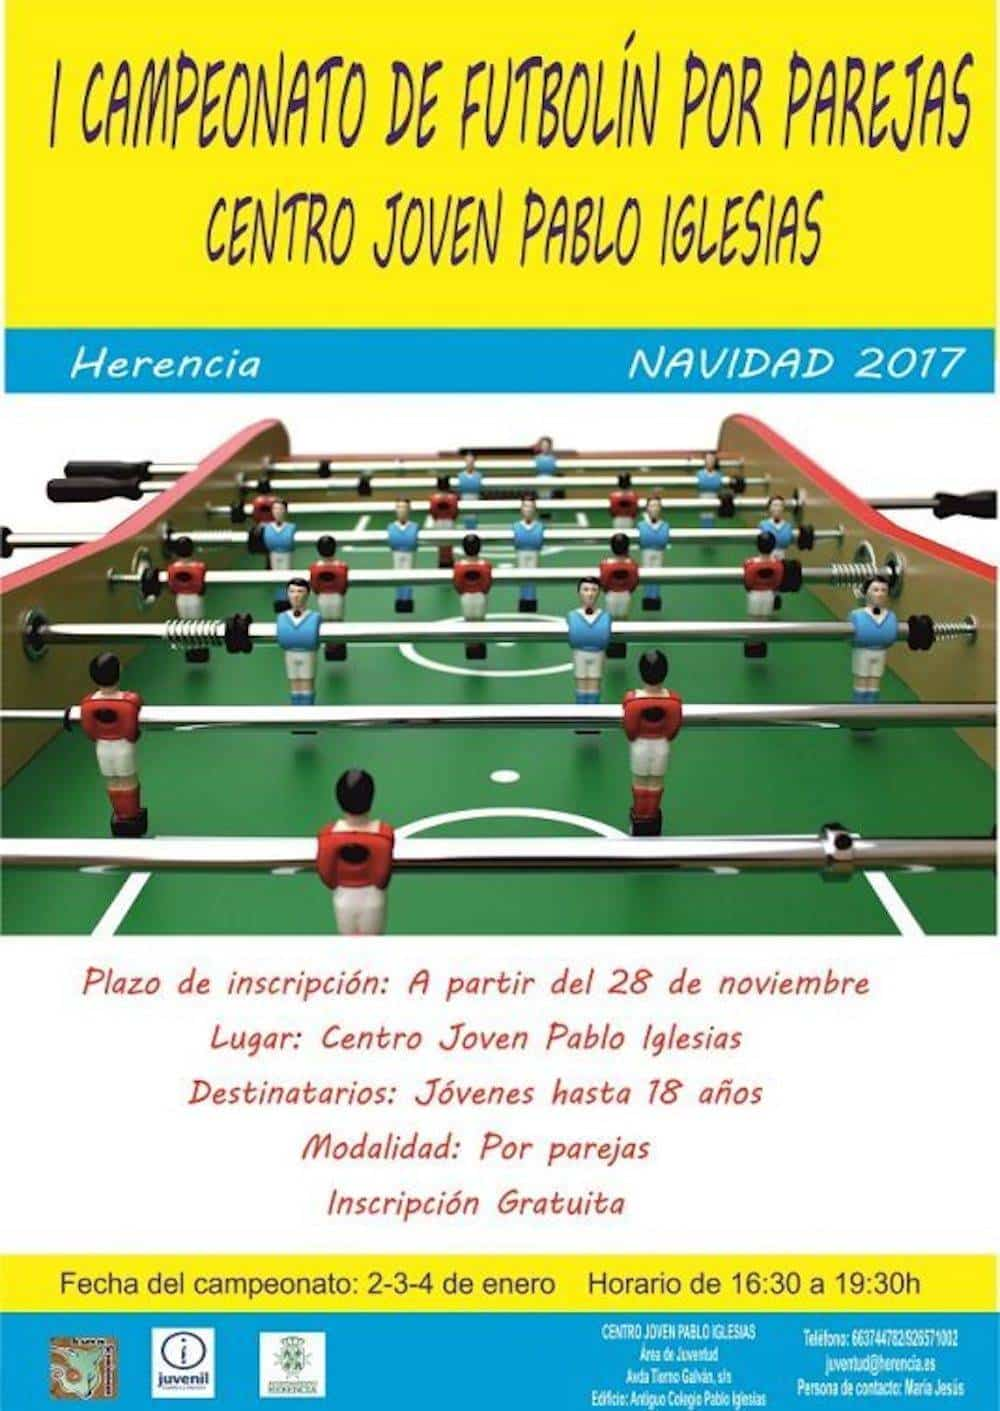 I Campeonato de Futbolín